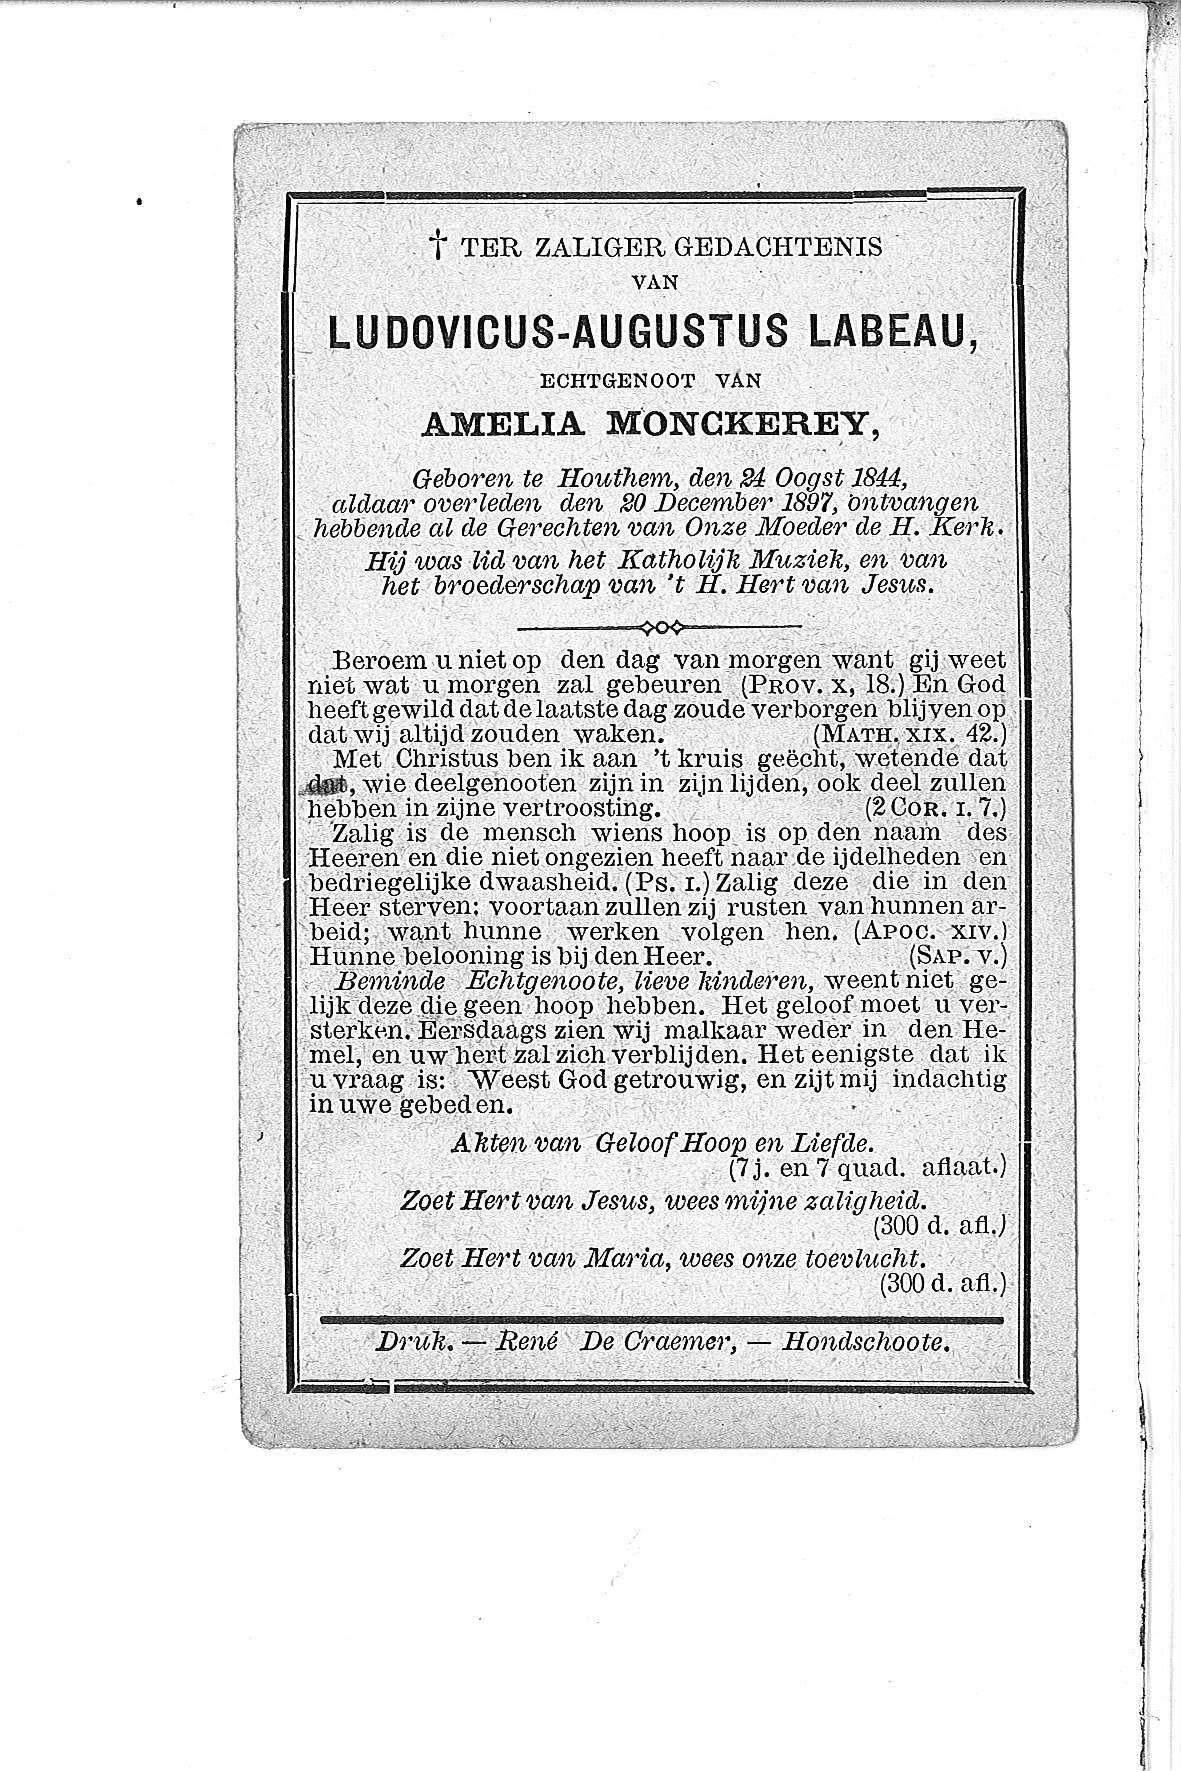 Ludovicus-Augustus(1897)20110119162717_00009.jpg